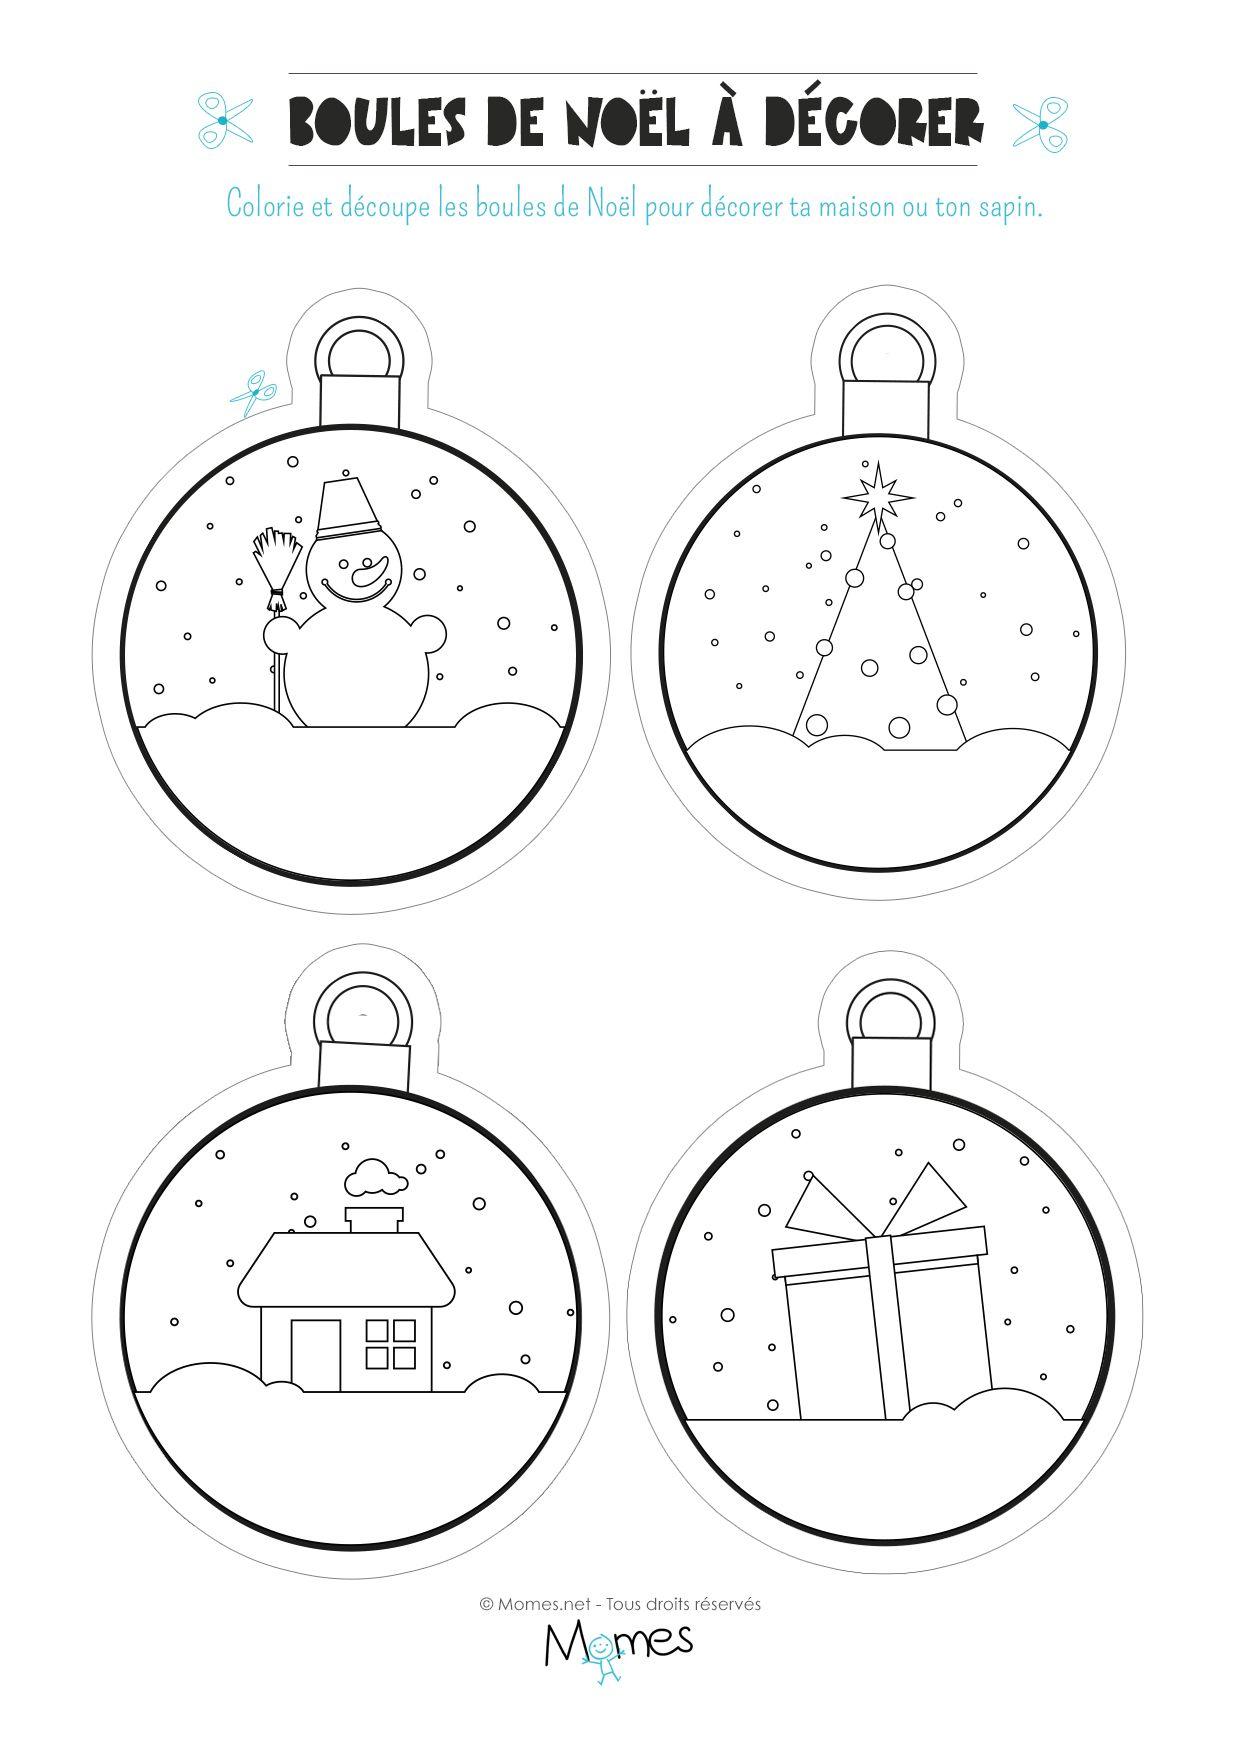 100 Génial Suggestions Dessin Pour Boule De Noel